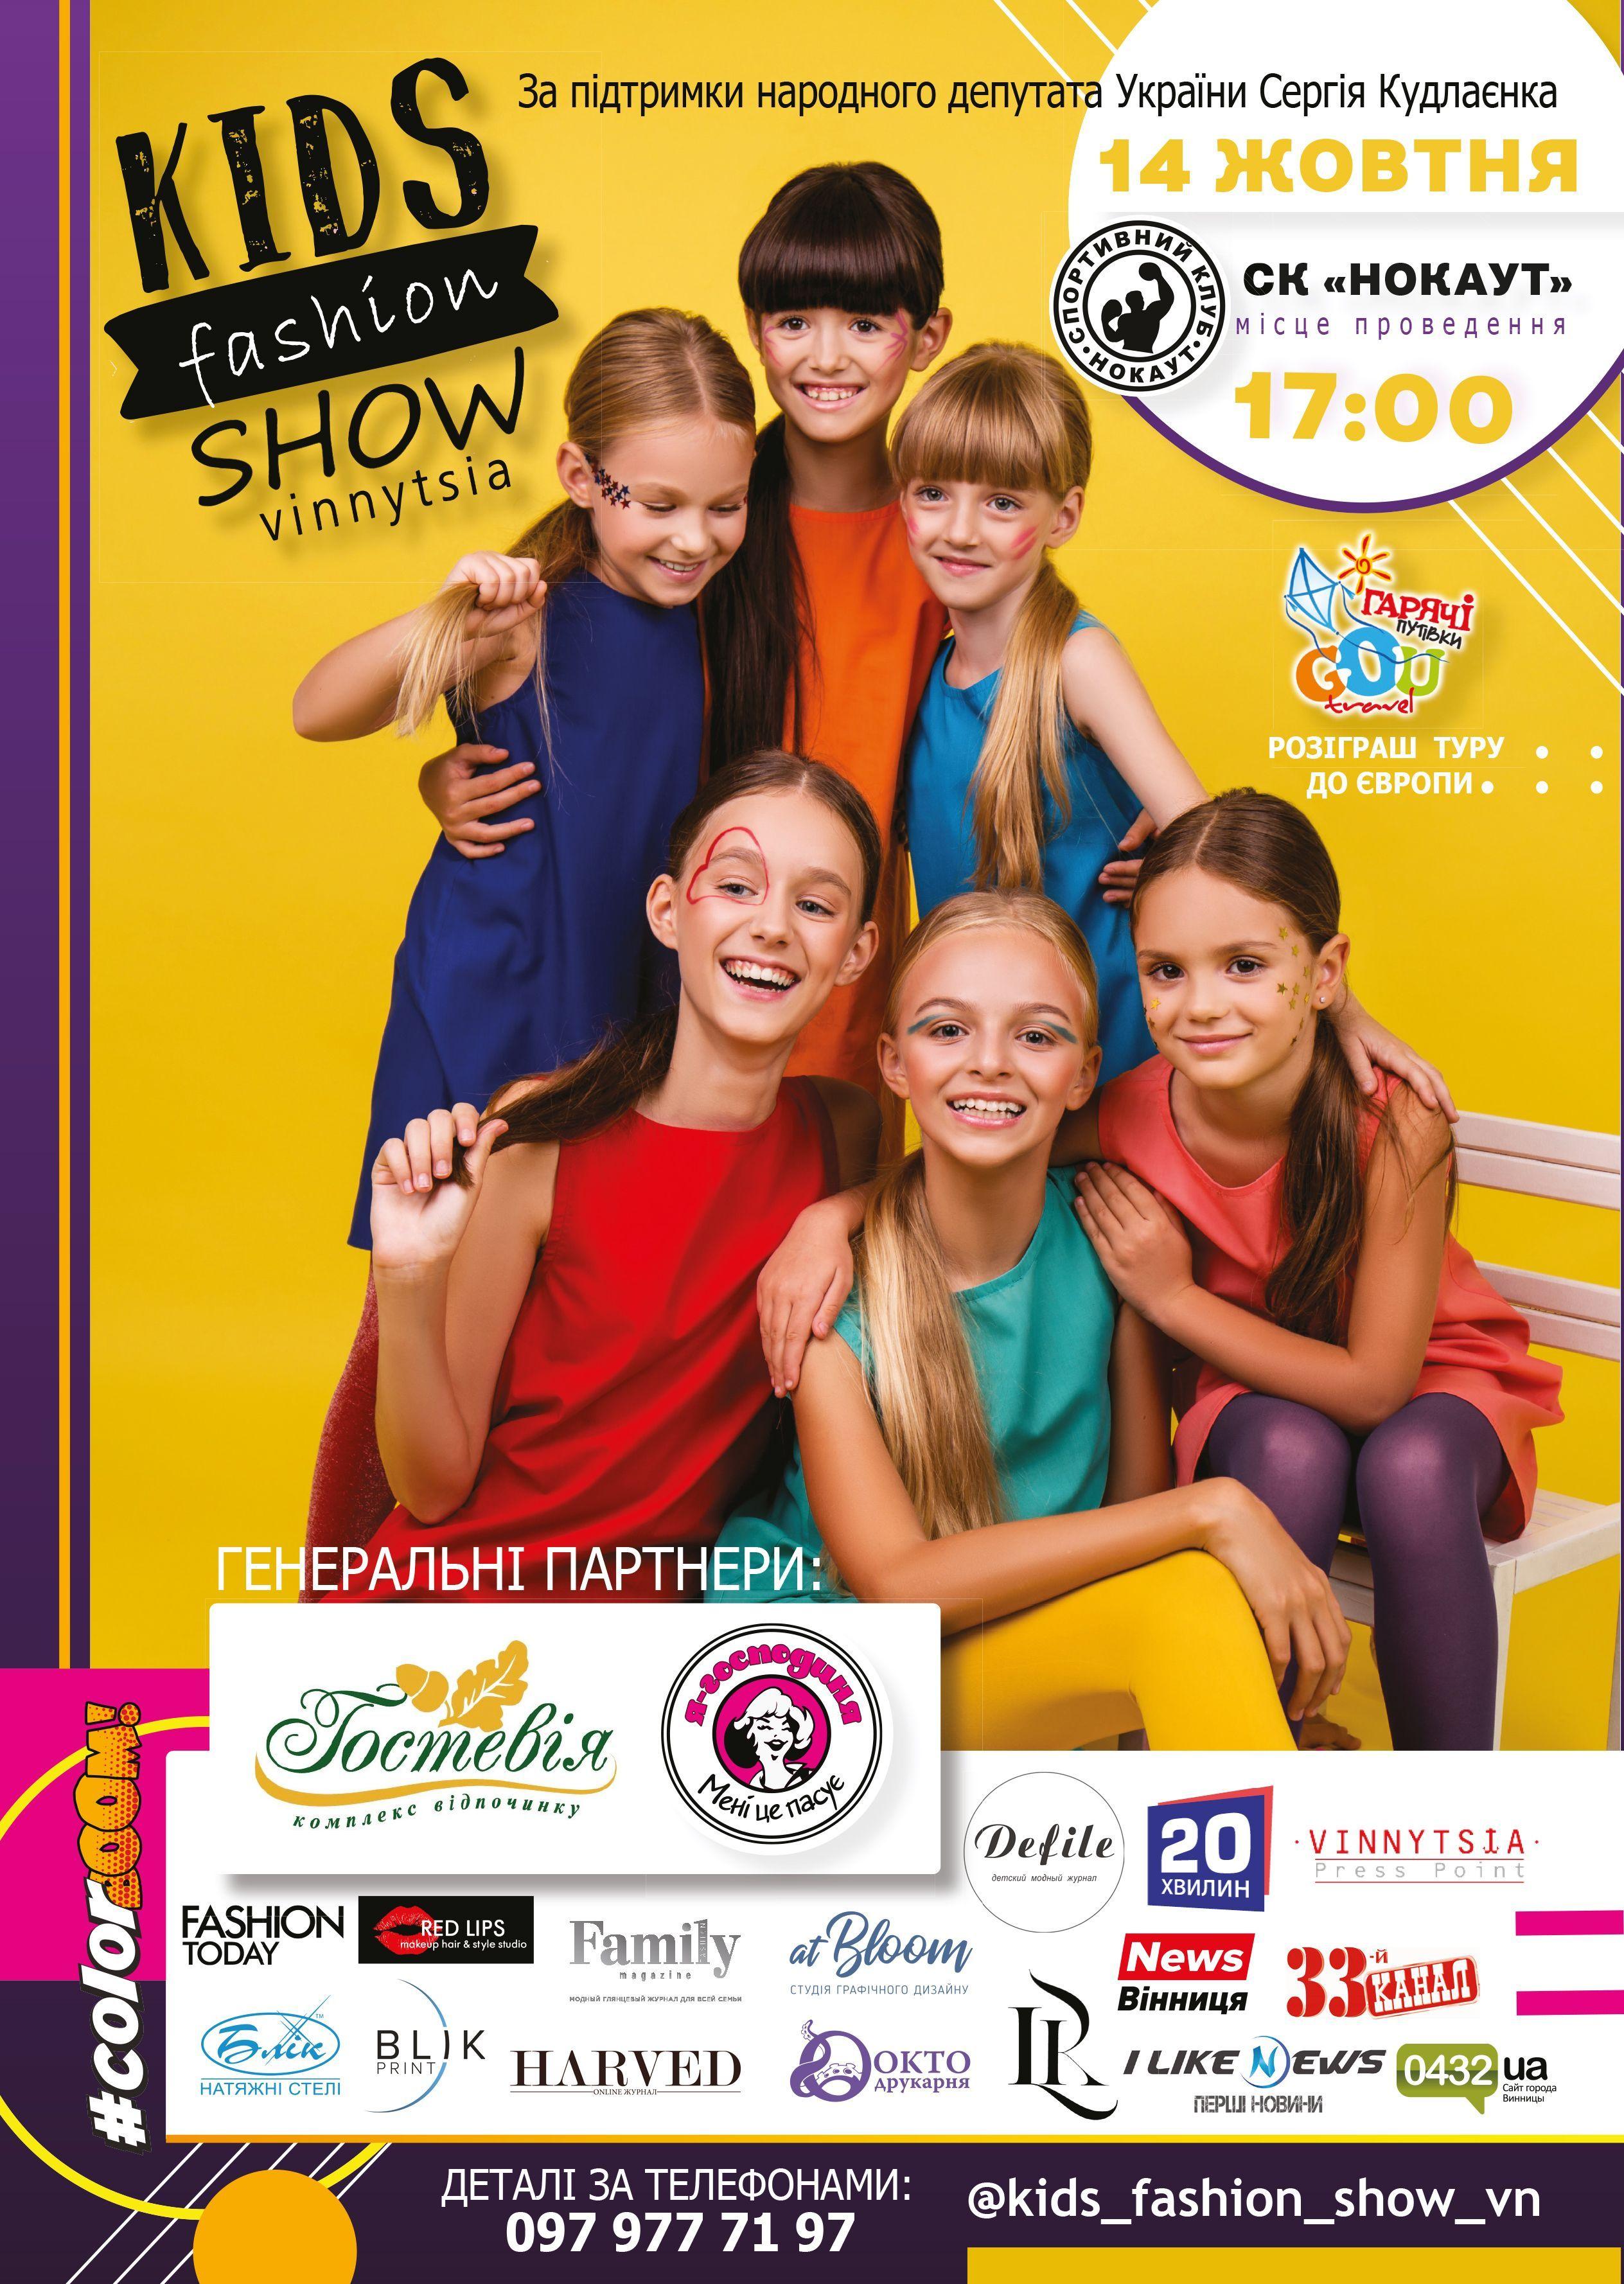 Осінній показ «Kids Fashion Show» відбудеться 14 жовтня у Вінниці! (Новини  компаній)   10 10 2018 - vn.20minut.ua 04a13d05c8a8c